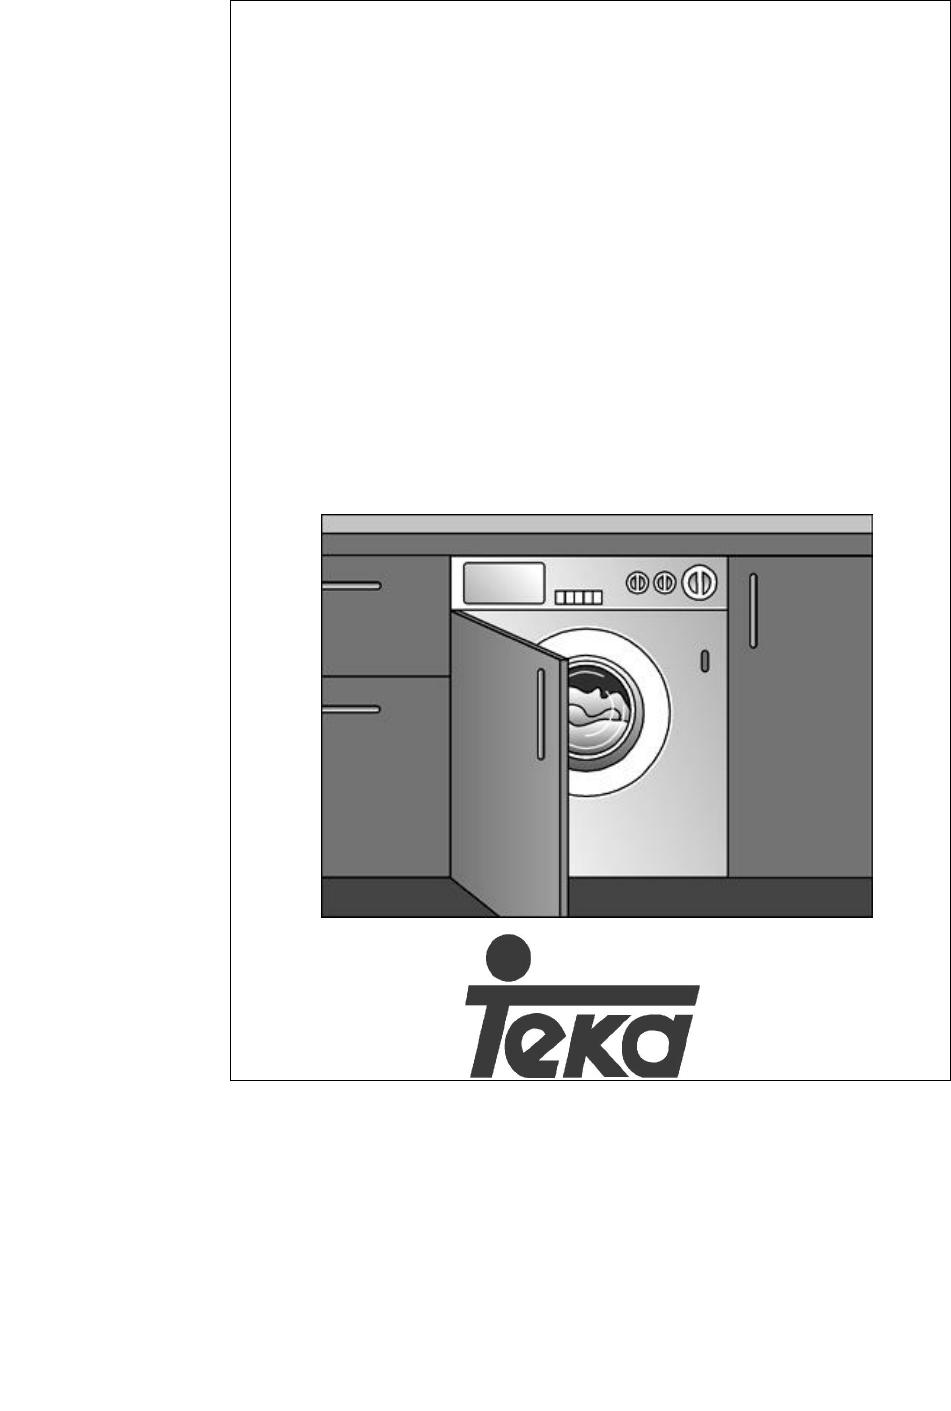 Teka Tkx1 1000 T Manual Lavadora ~ Cual Es El Programa Mas Corto De La Lavadora